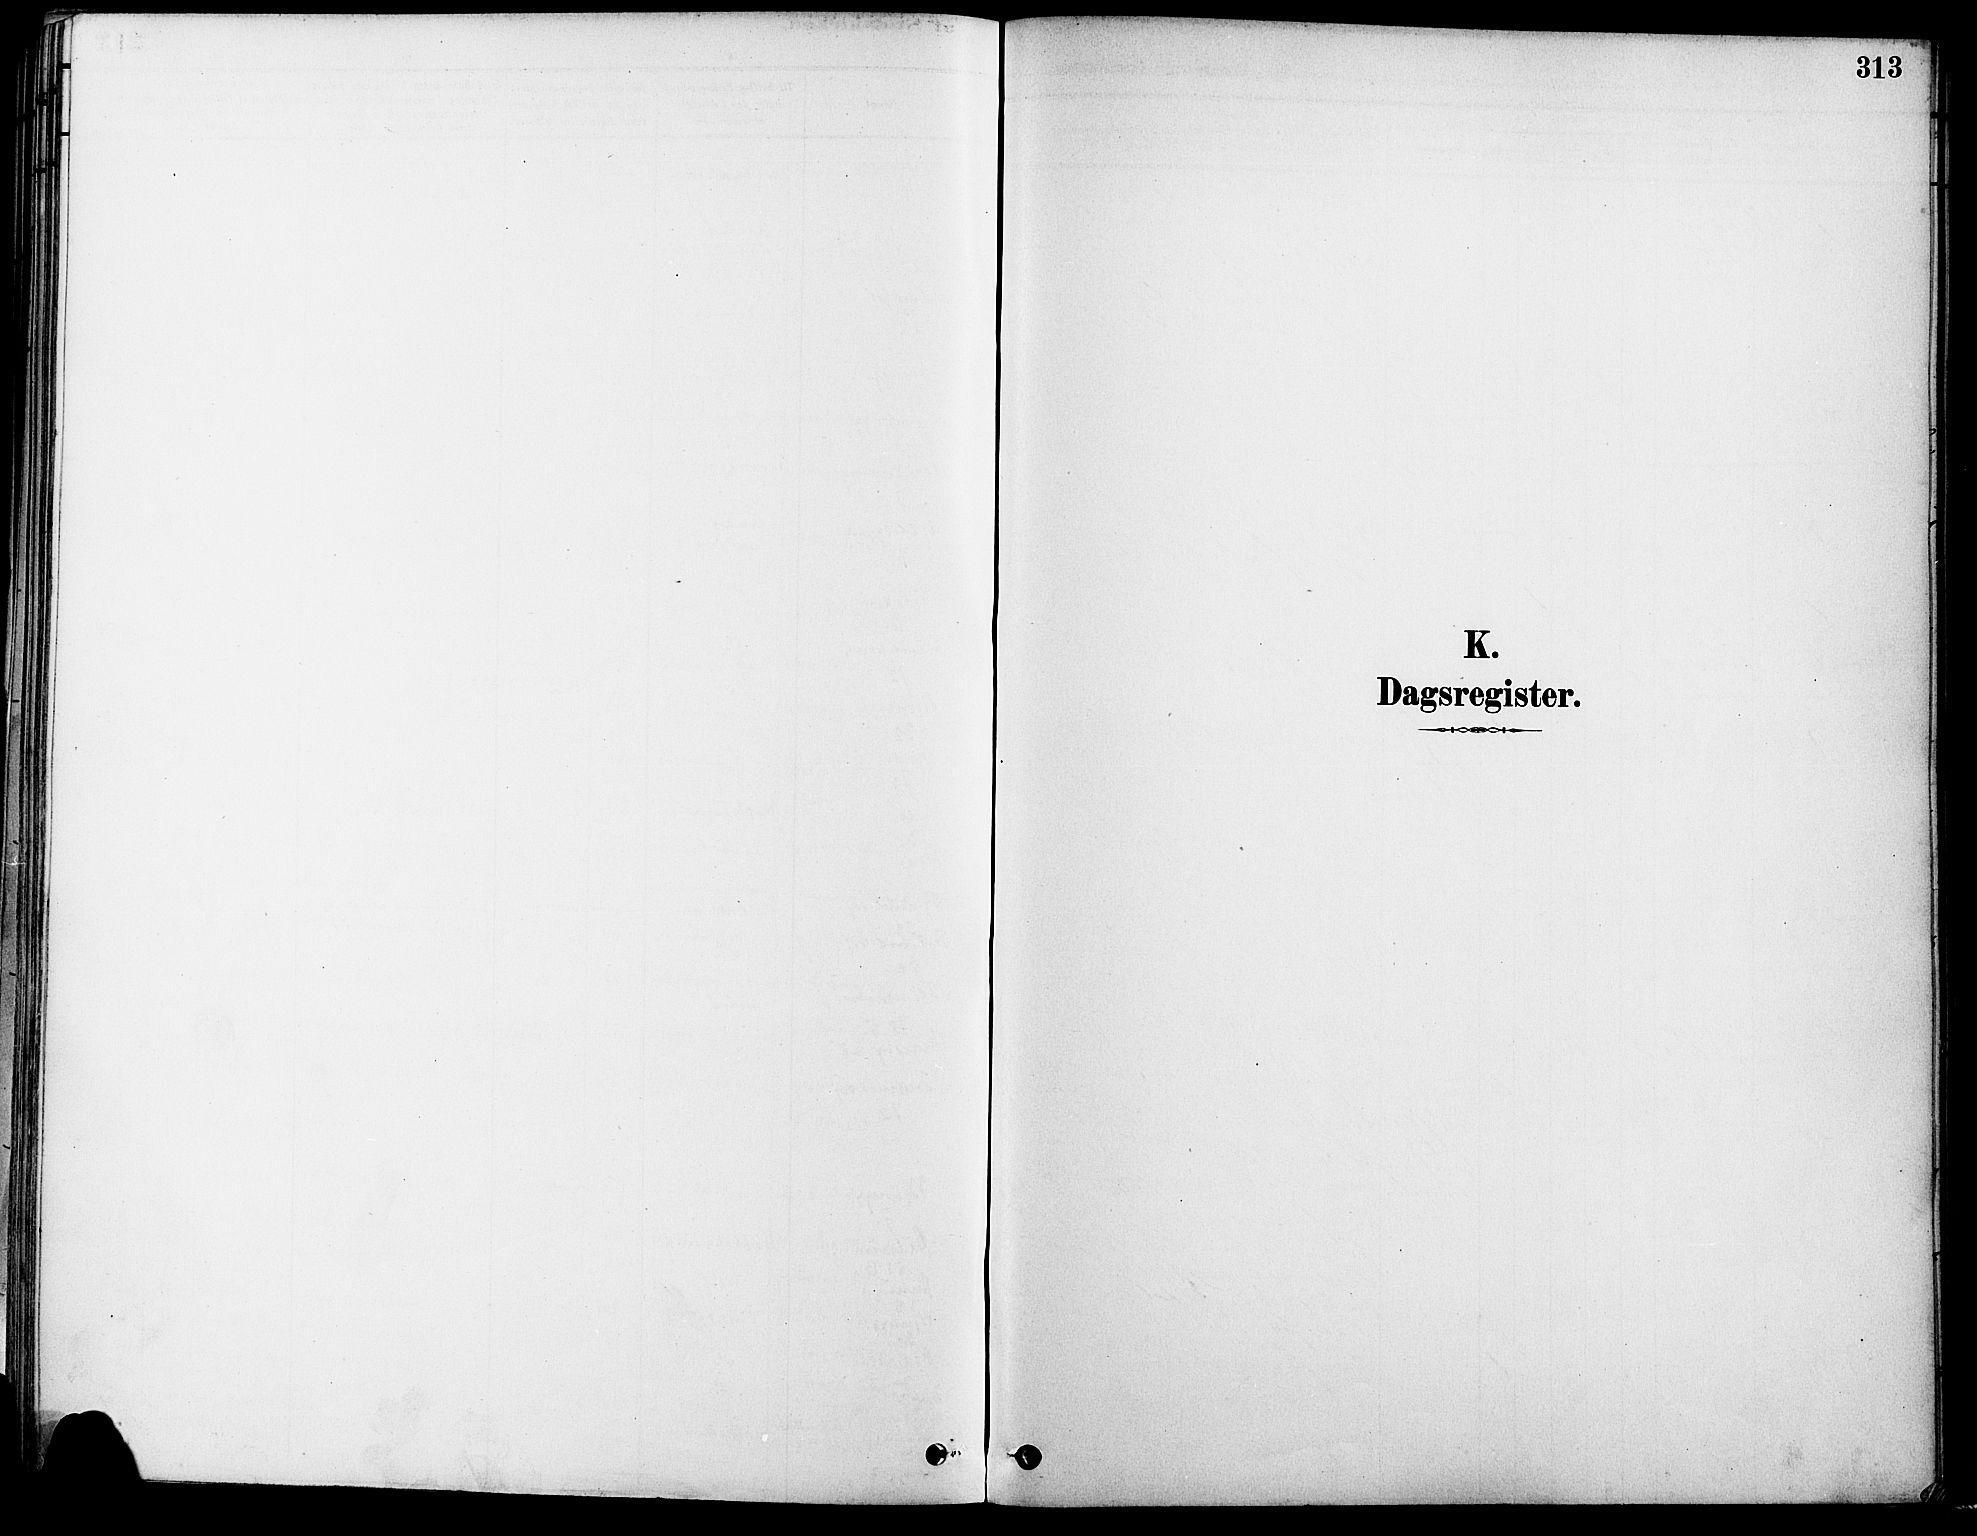 SAO, Gamle Aker prestekontor Kirkebøker, F/L0007: Ministerialbok nr. 7, 1882-1890, s. 313